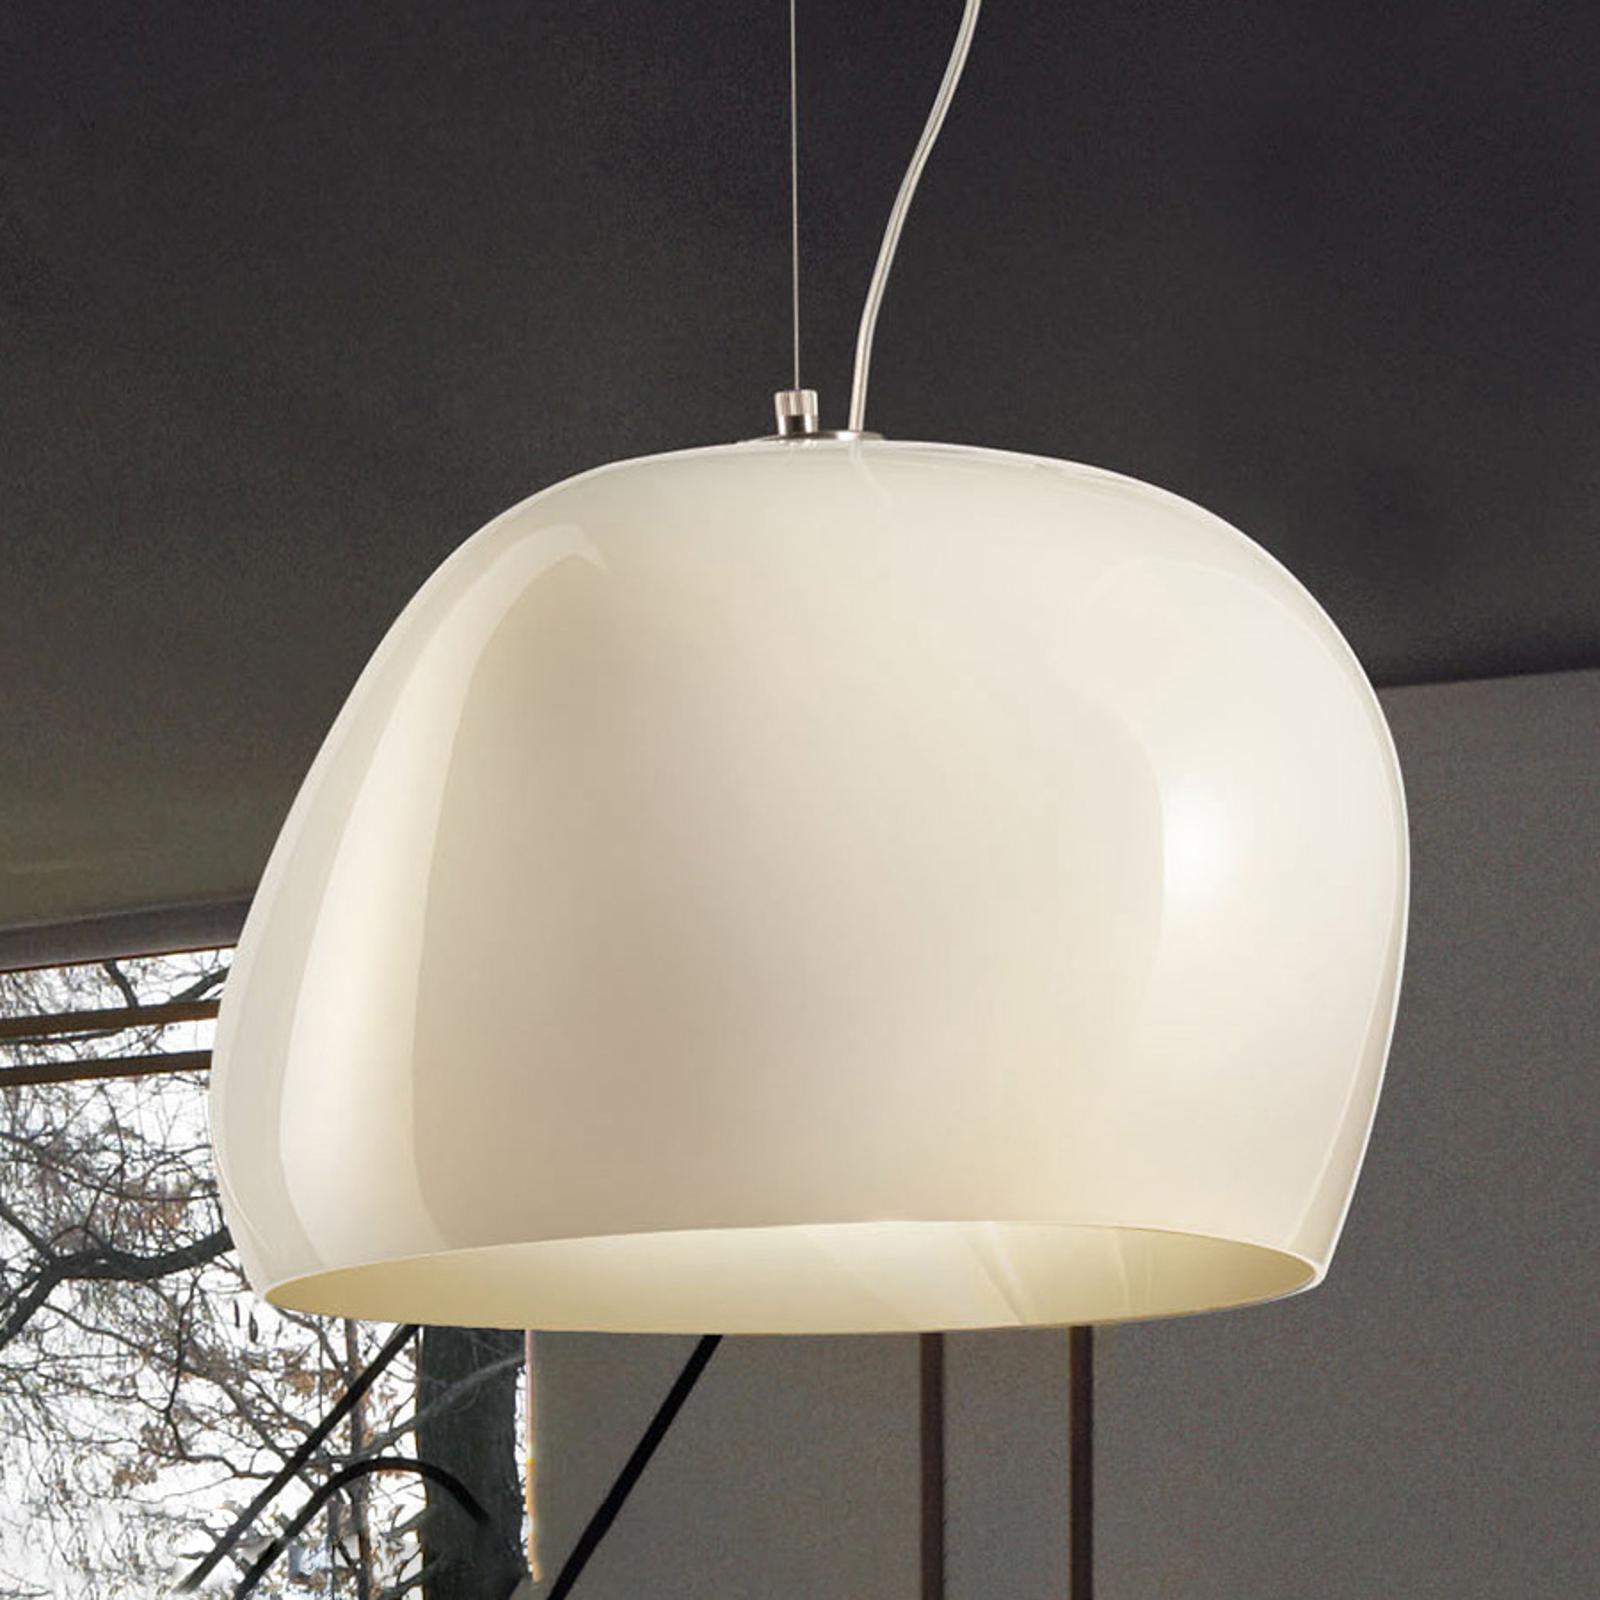 Hängeleuchte Surface Ø 40 cm,  E27 weiß/mattweiß